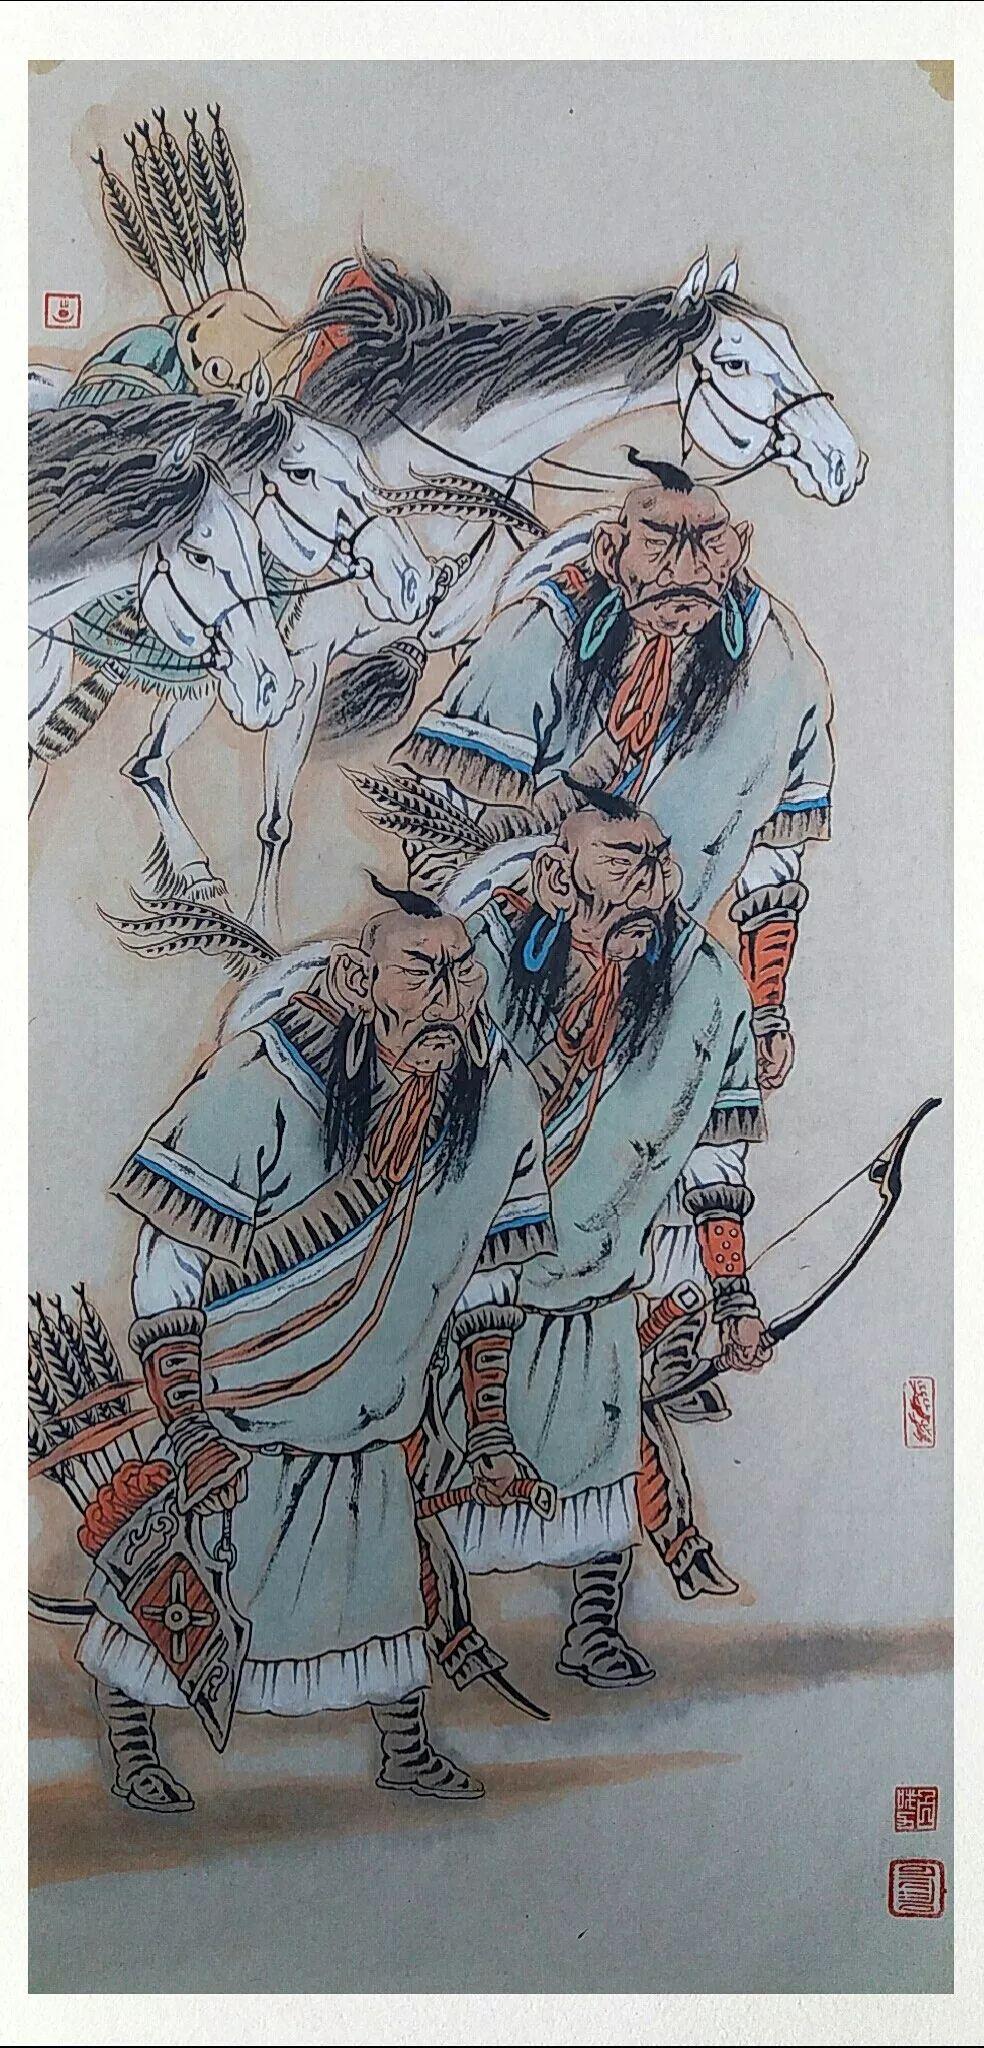 内蒙古当代美术家系列——白嘎力中国画作品选 第4张 内蒙古当代美术家系列——白嘎力中国画作品选 蒙古画廊